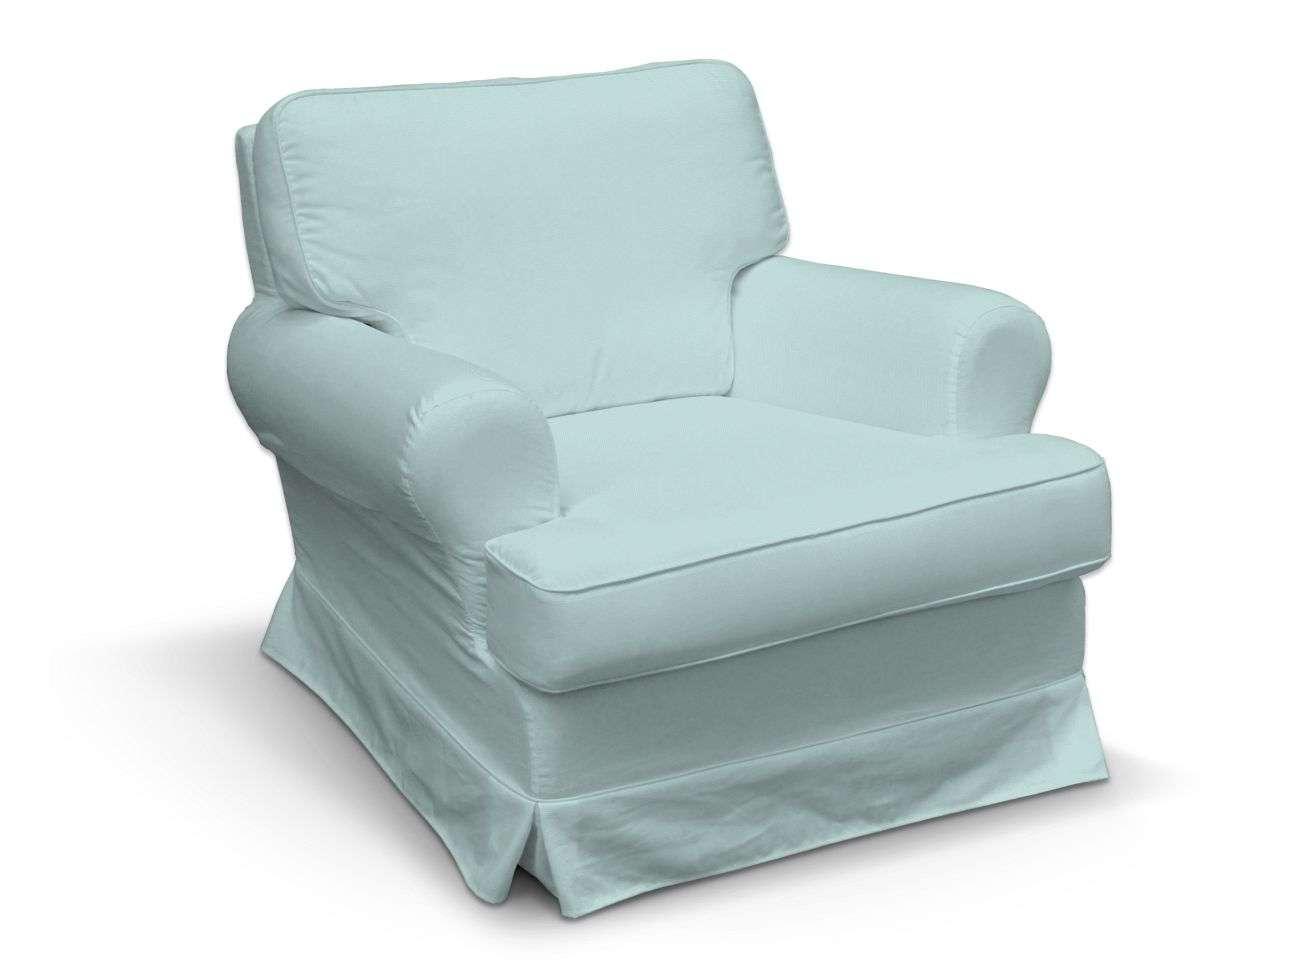 Pokrowiec na fotel Barkaby fotel Barkaby w kolekcji Cotton Panama, tkanina: 702-10